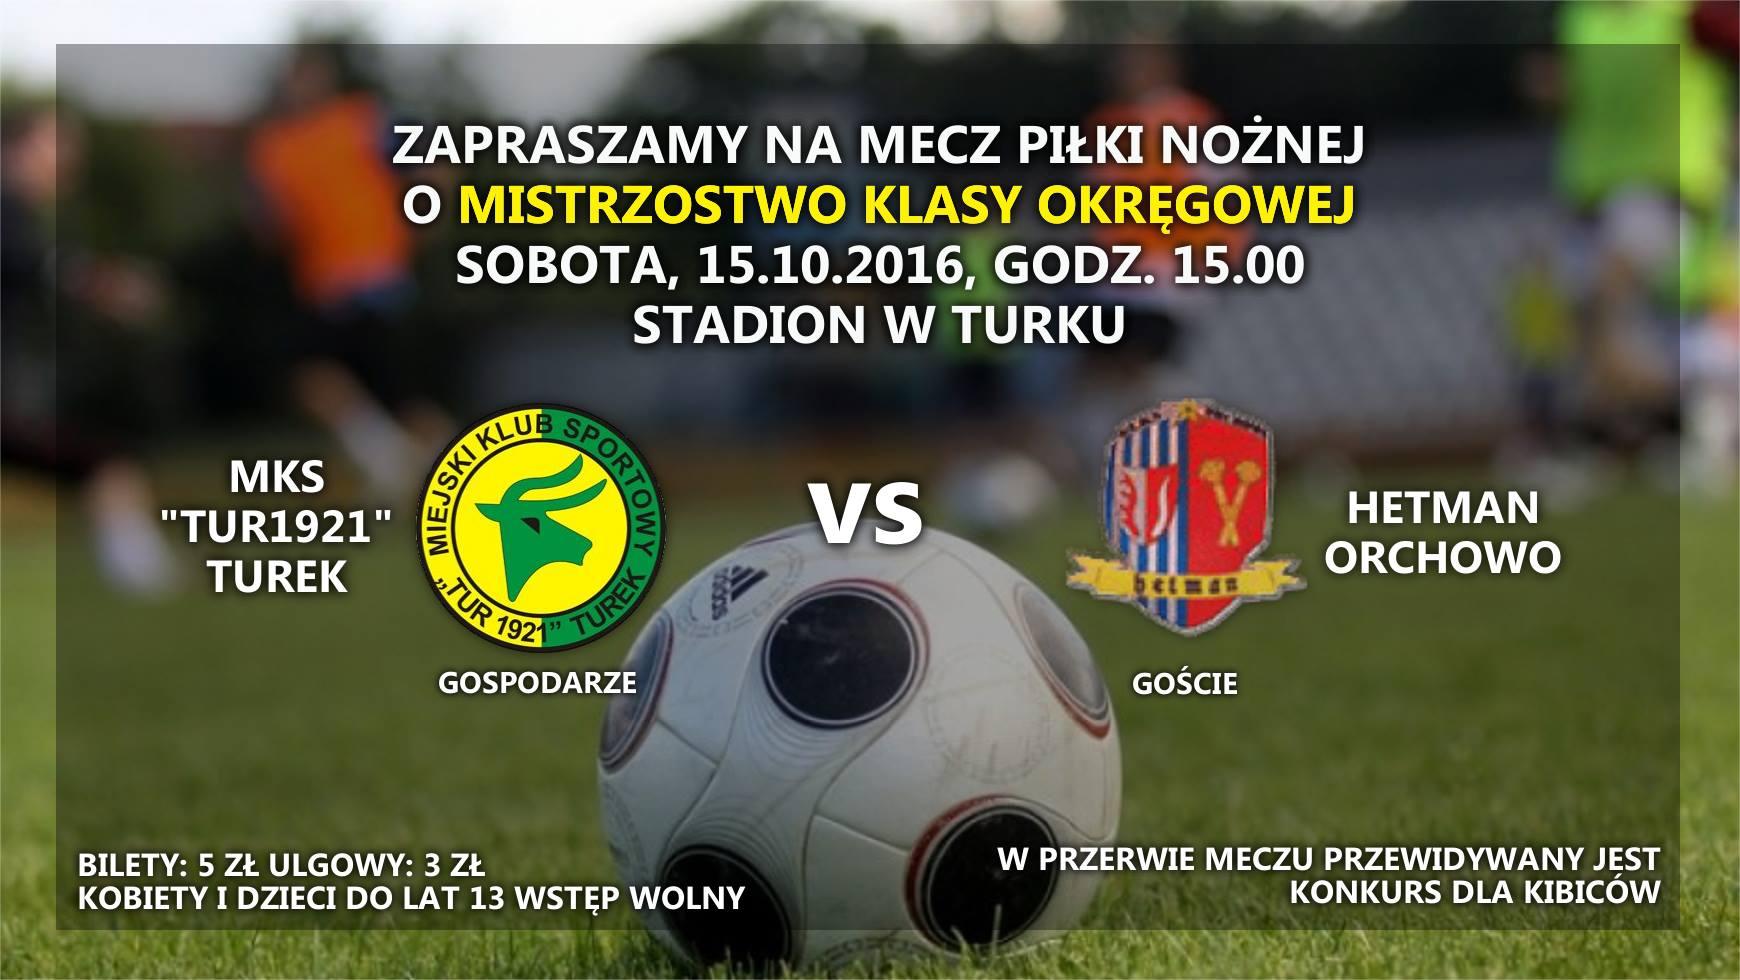 MKS Tur 1921 Turek vs Hetman Orchowo